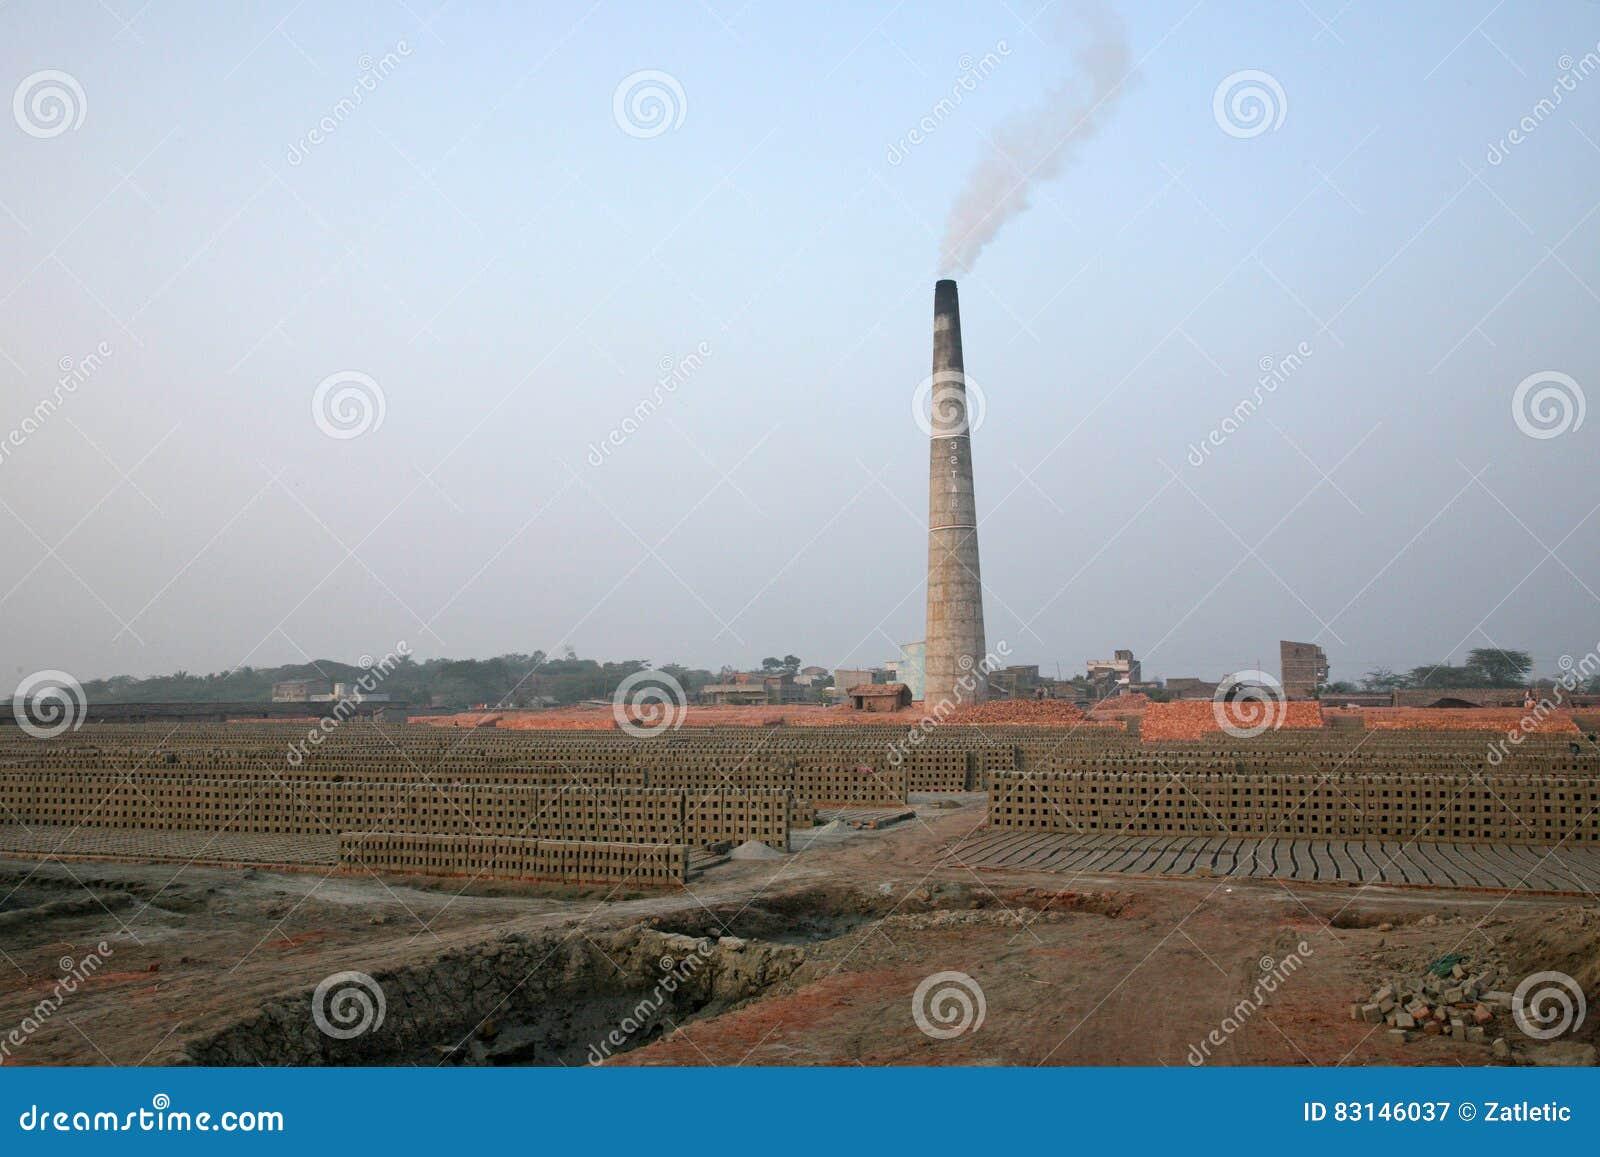 Steenbakkerij in Sarberia, West-Bengalen, India